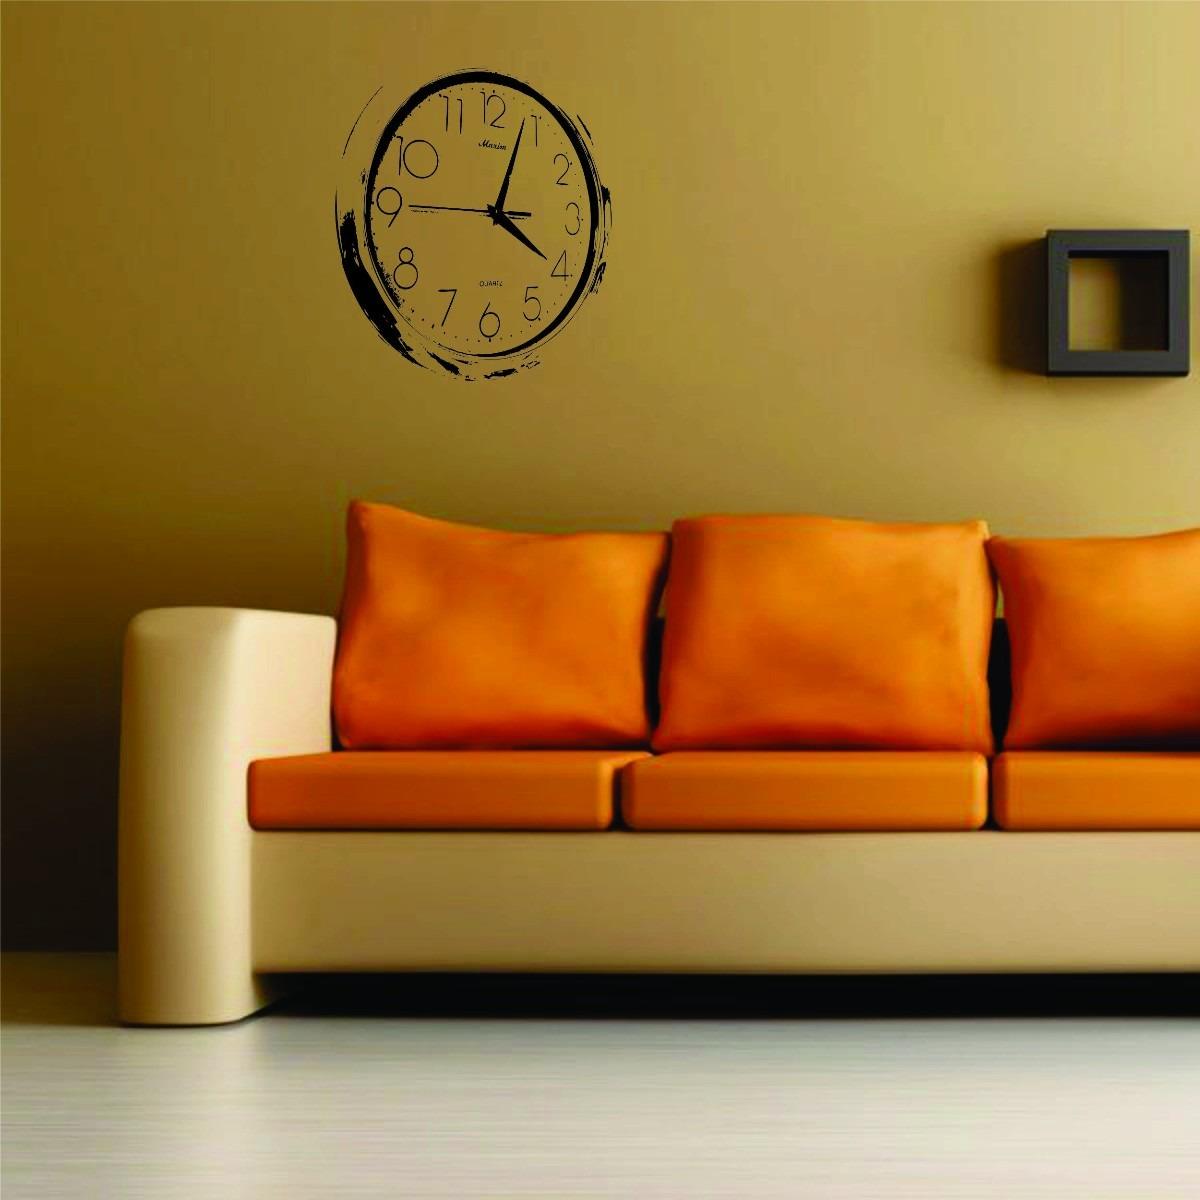 Artesanato Loja Sp ~ Adesivo Decorativo Parede Relógio Sala Quarto Cozinha R$ 19,98 no MercadoLivre